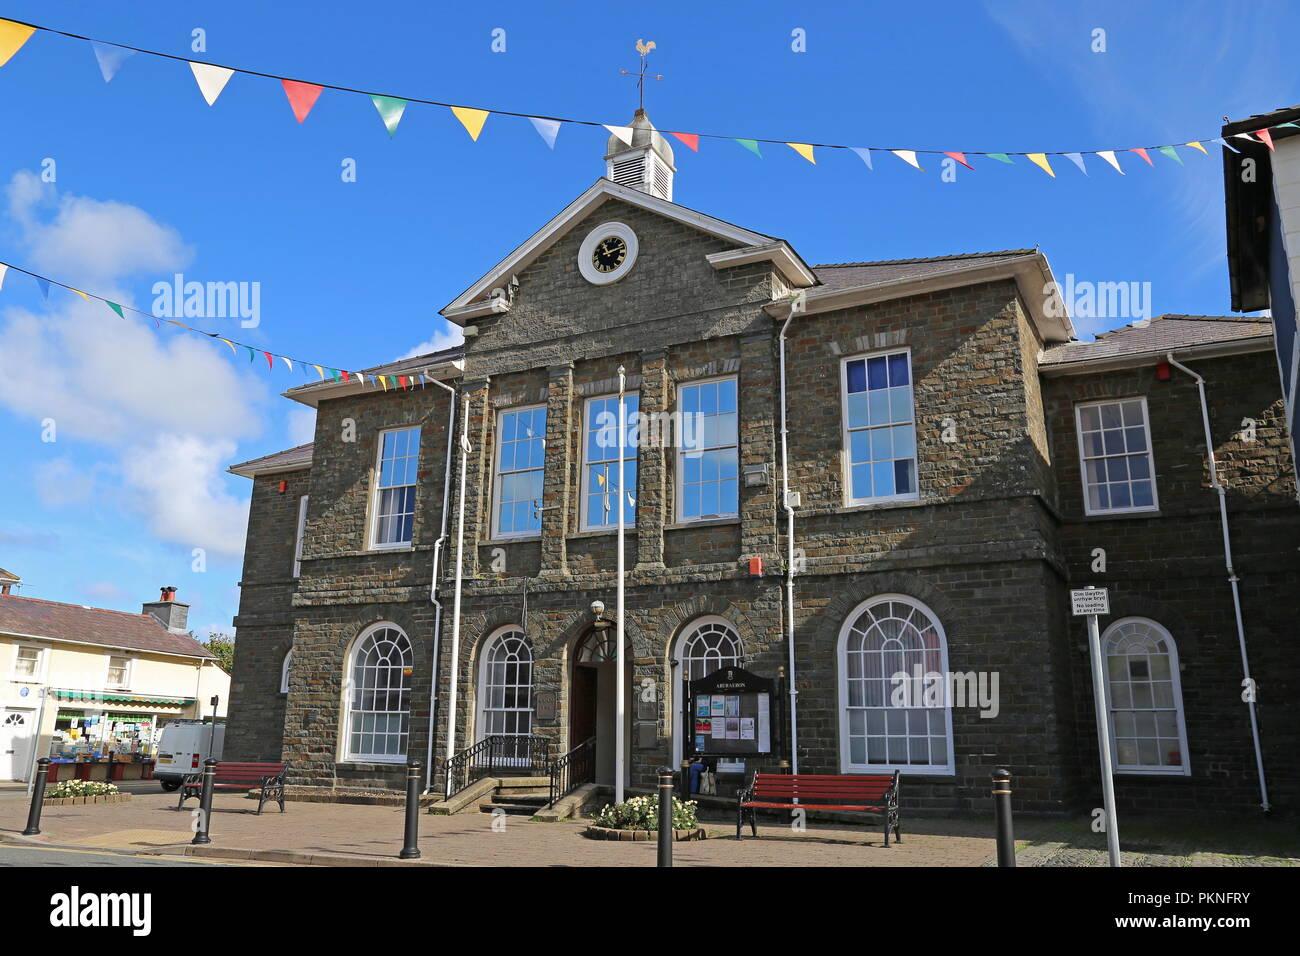 Ceredigion County Hall, Market Street, Aberaeron, Cardigan Bay, Ceredigion, Wales, Great Britain, United Kingdom, UK, Europe - Stock Image